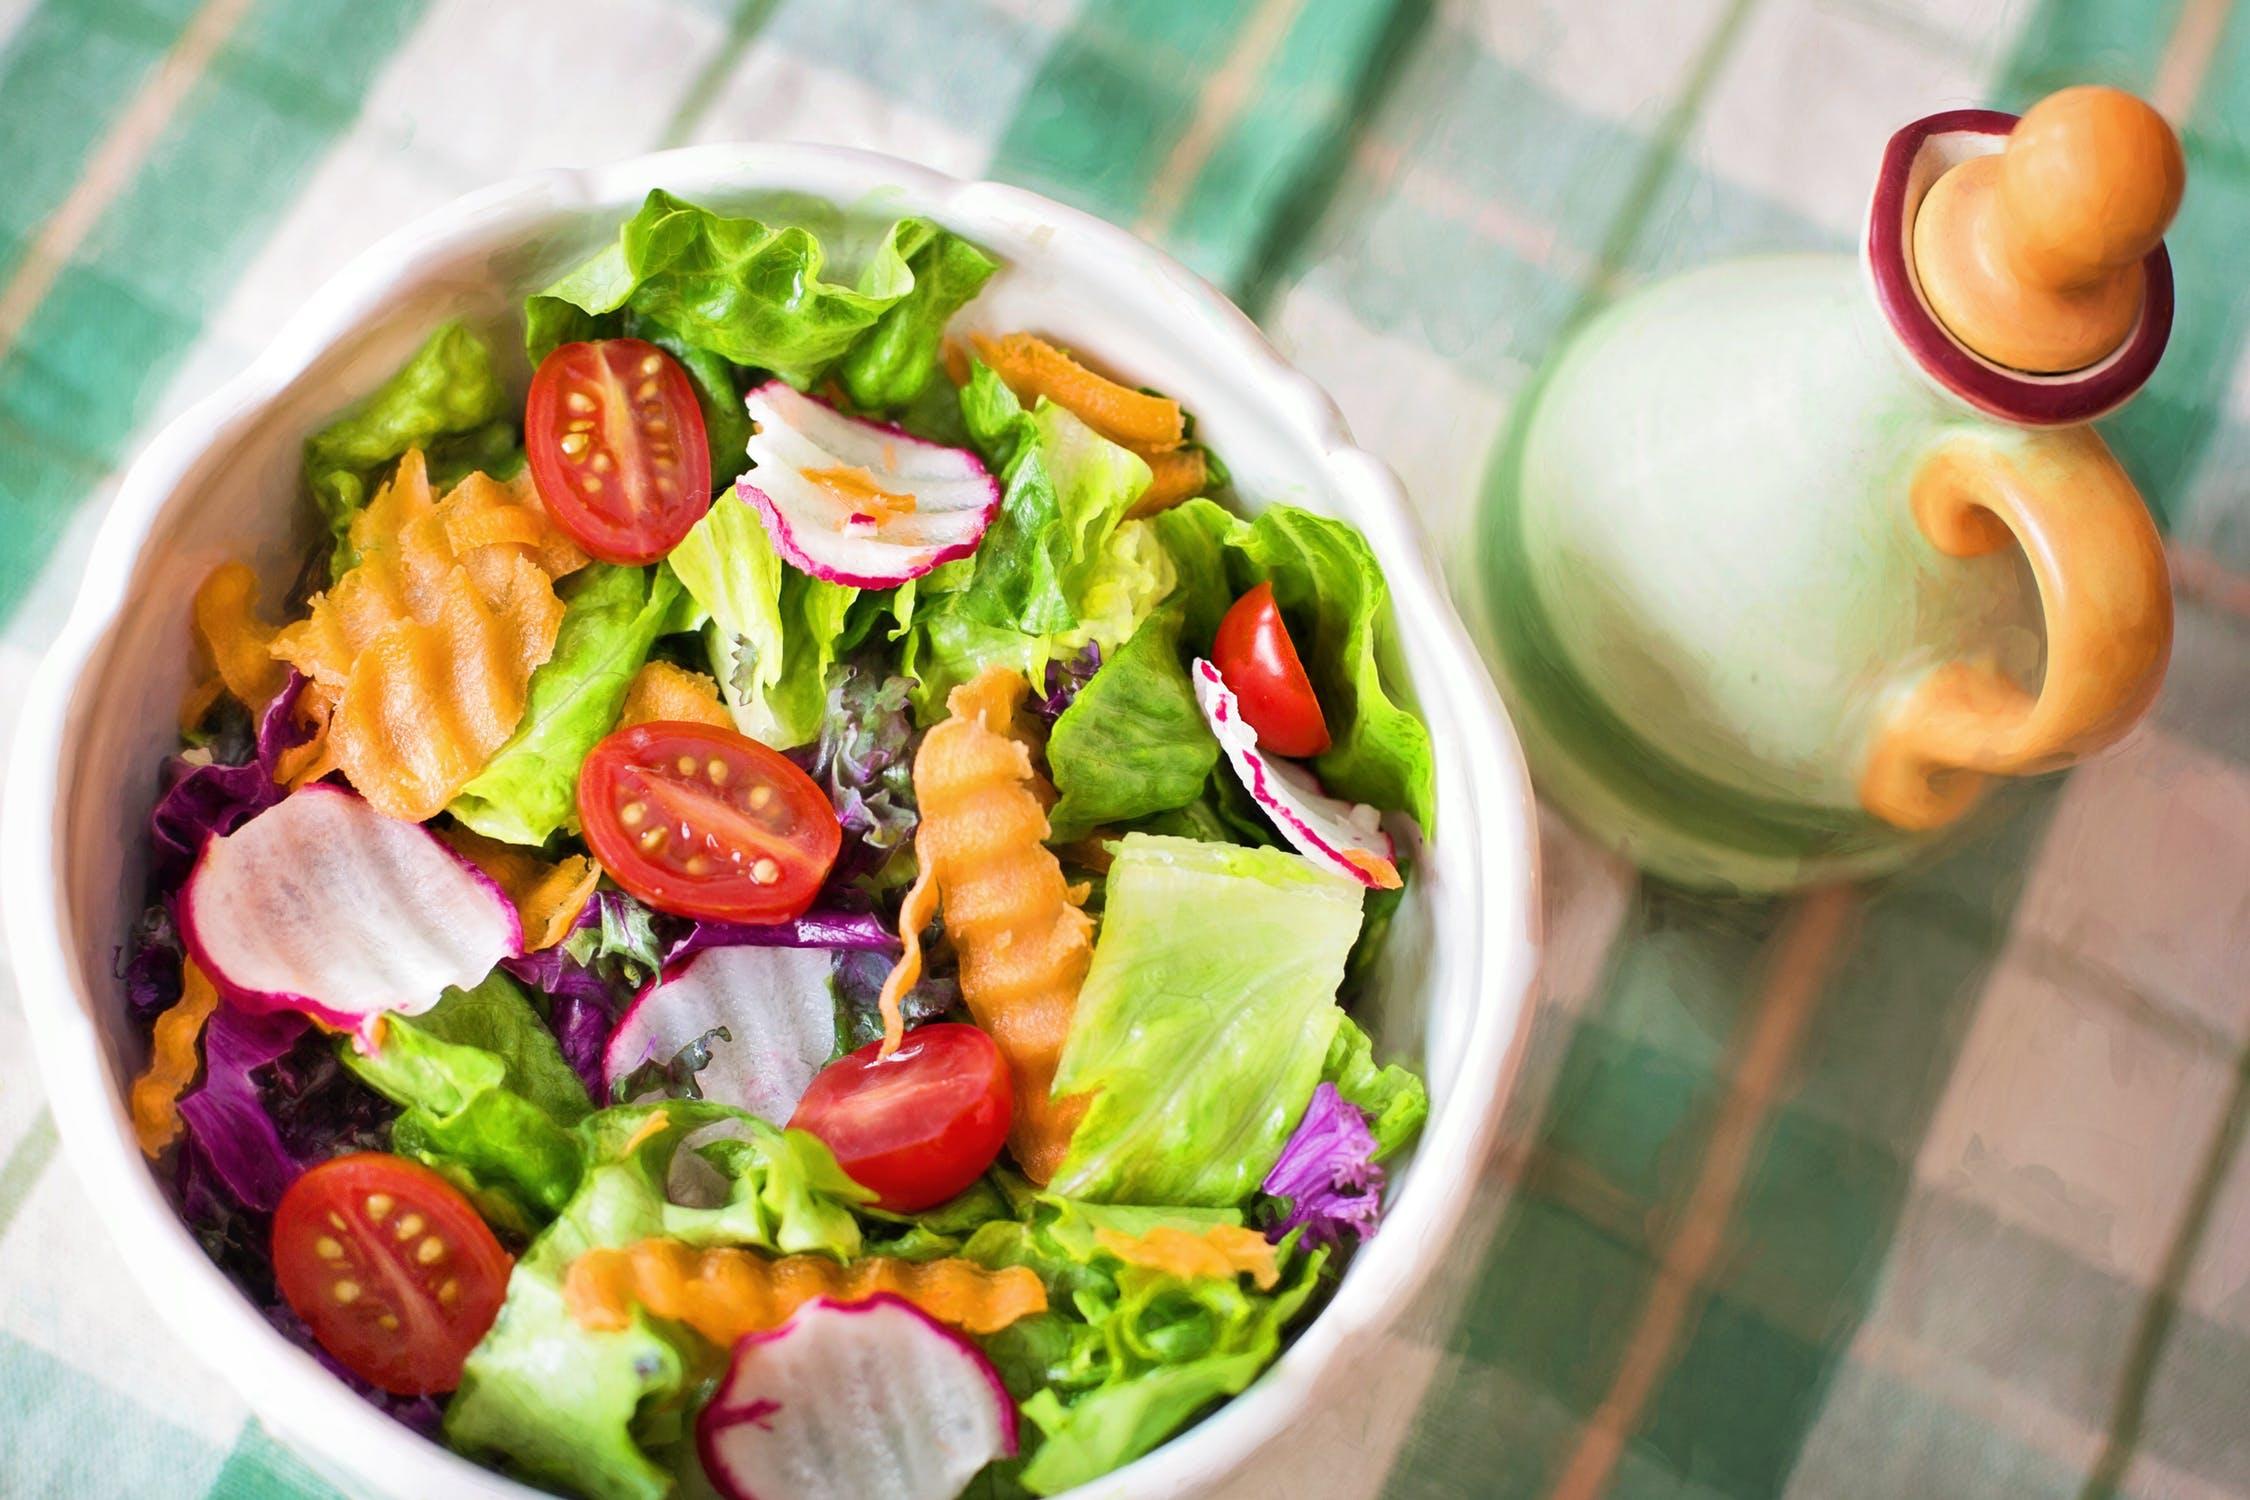 dieta dimagrante per uomo sedentario